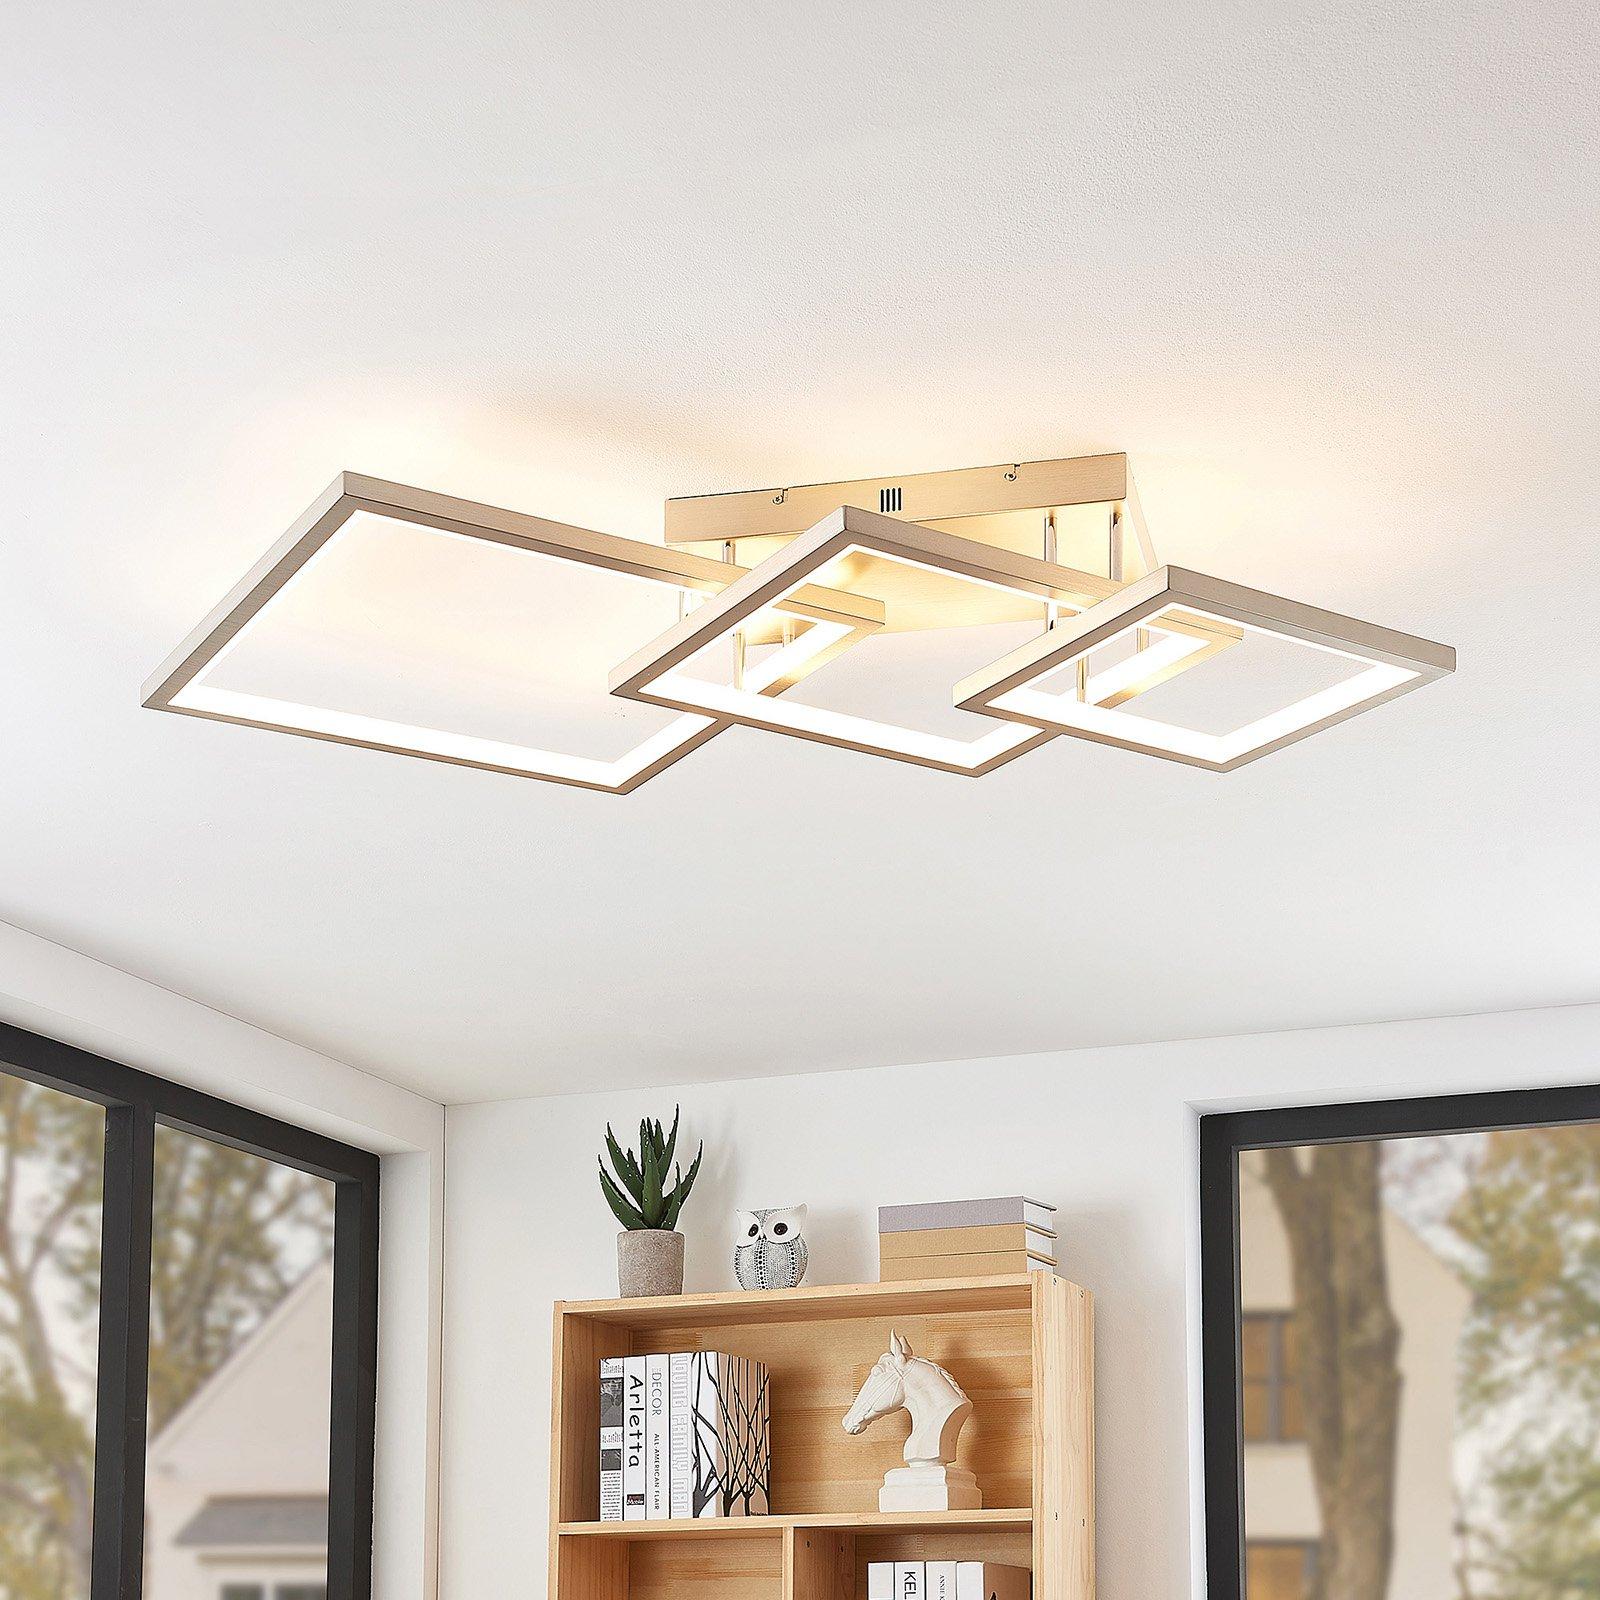 Lucande Avilara LED-taklampe av 3 kvadrater